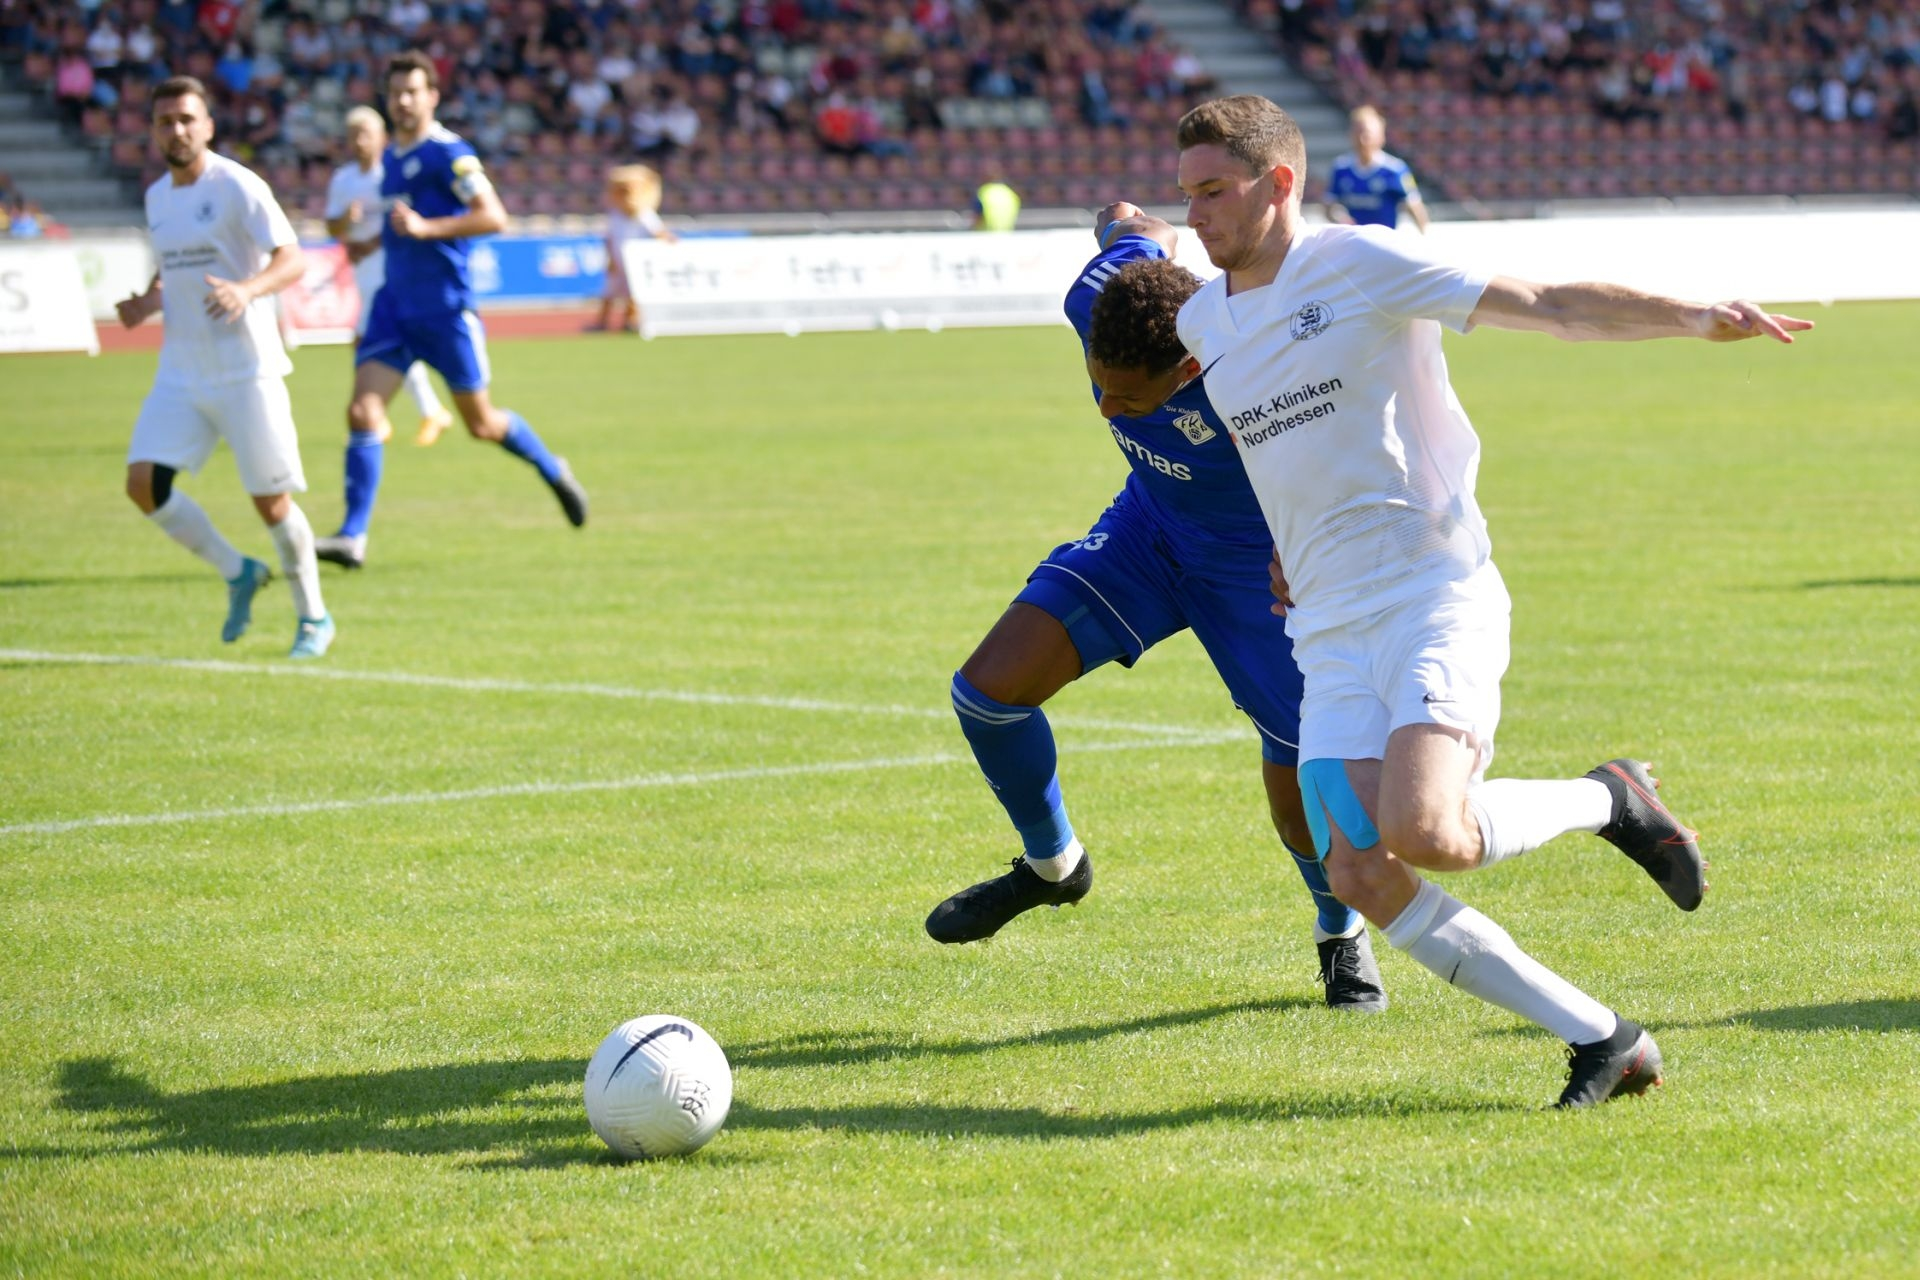 Regionalliga S�dwest 2020/21, KSV Hessen Kassel, FK 03 Pirmasens, Endstand 1:1